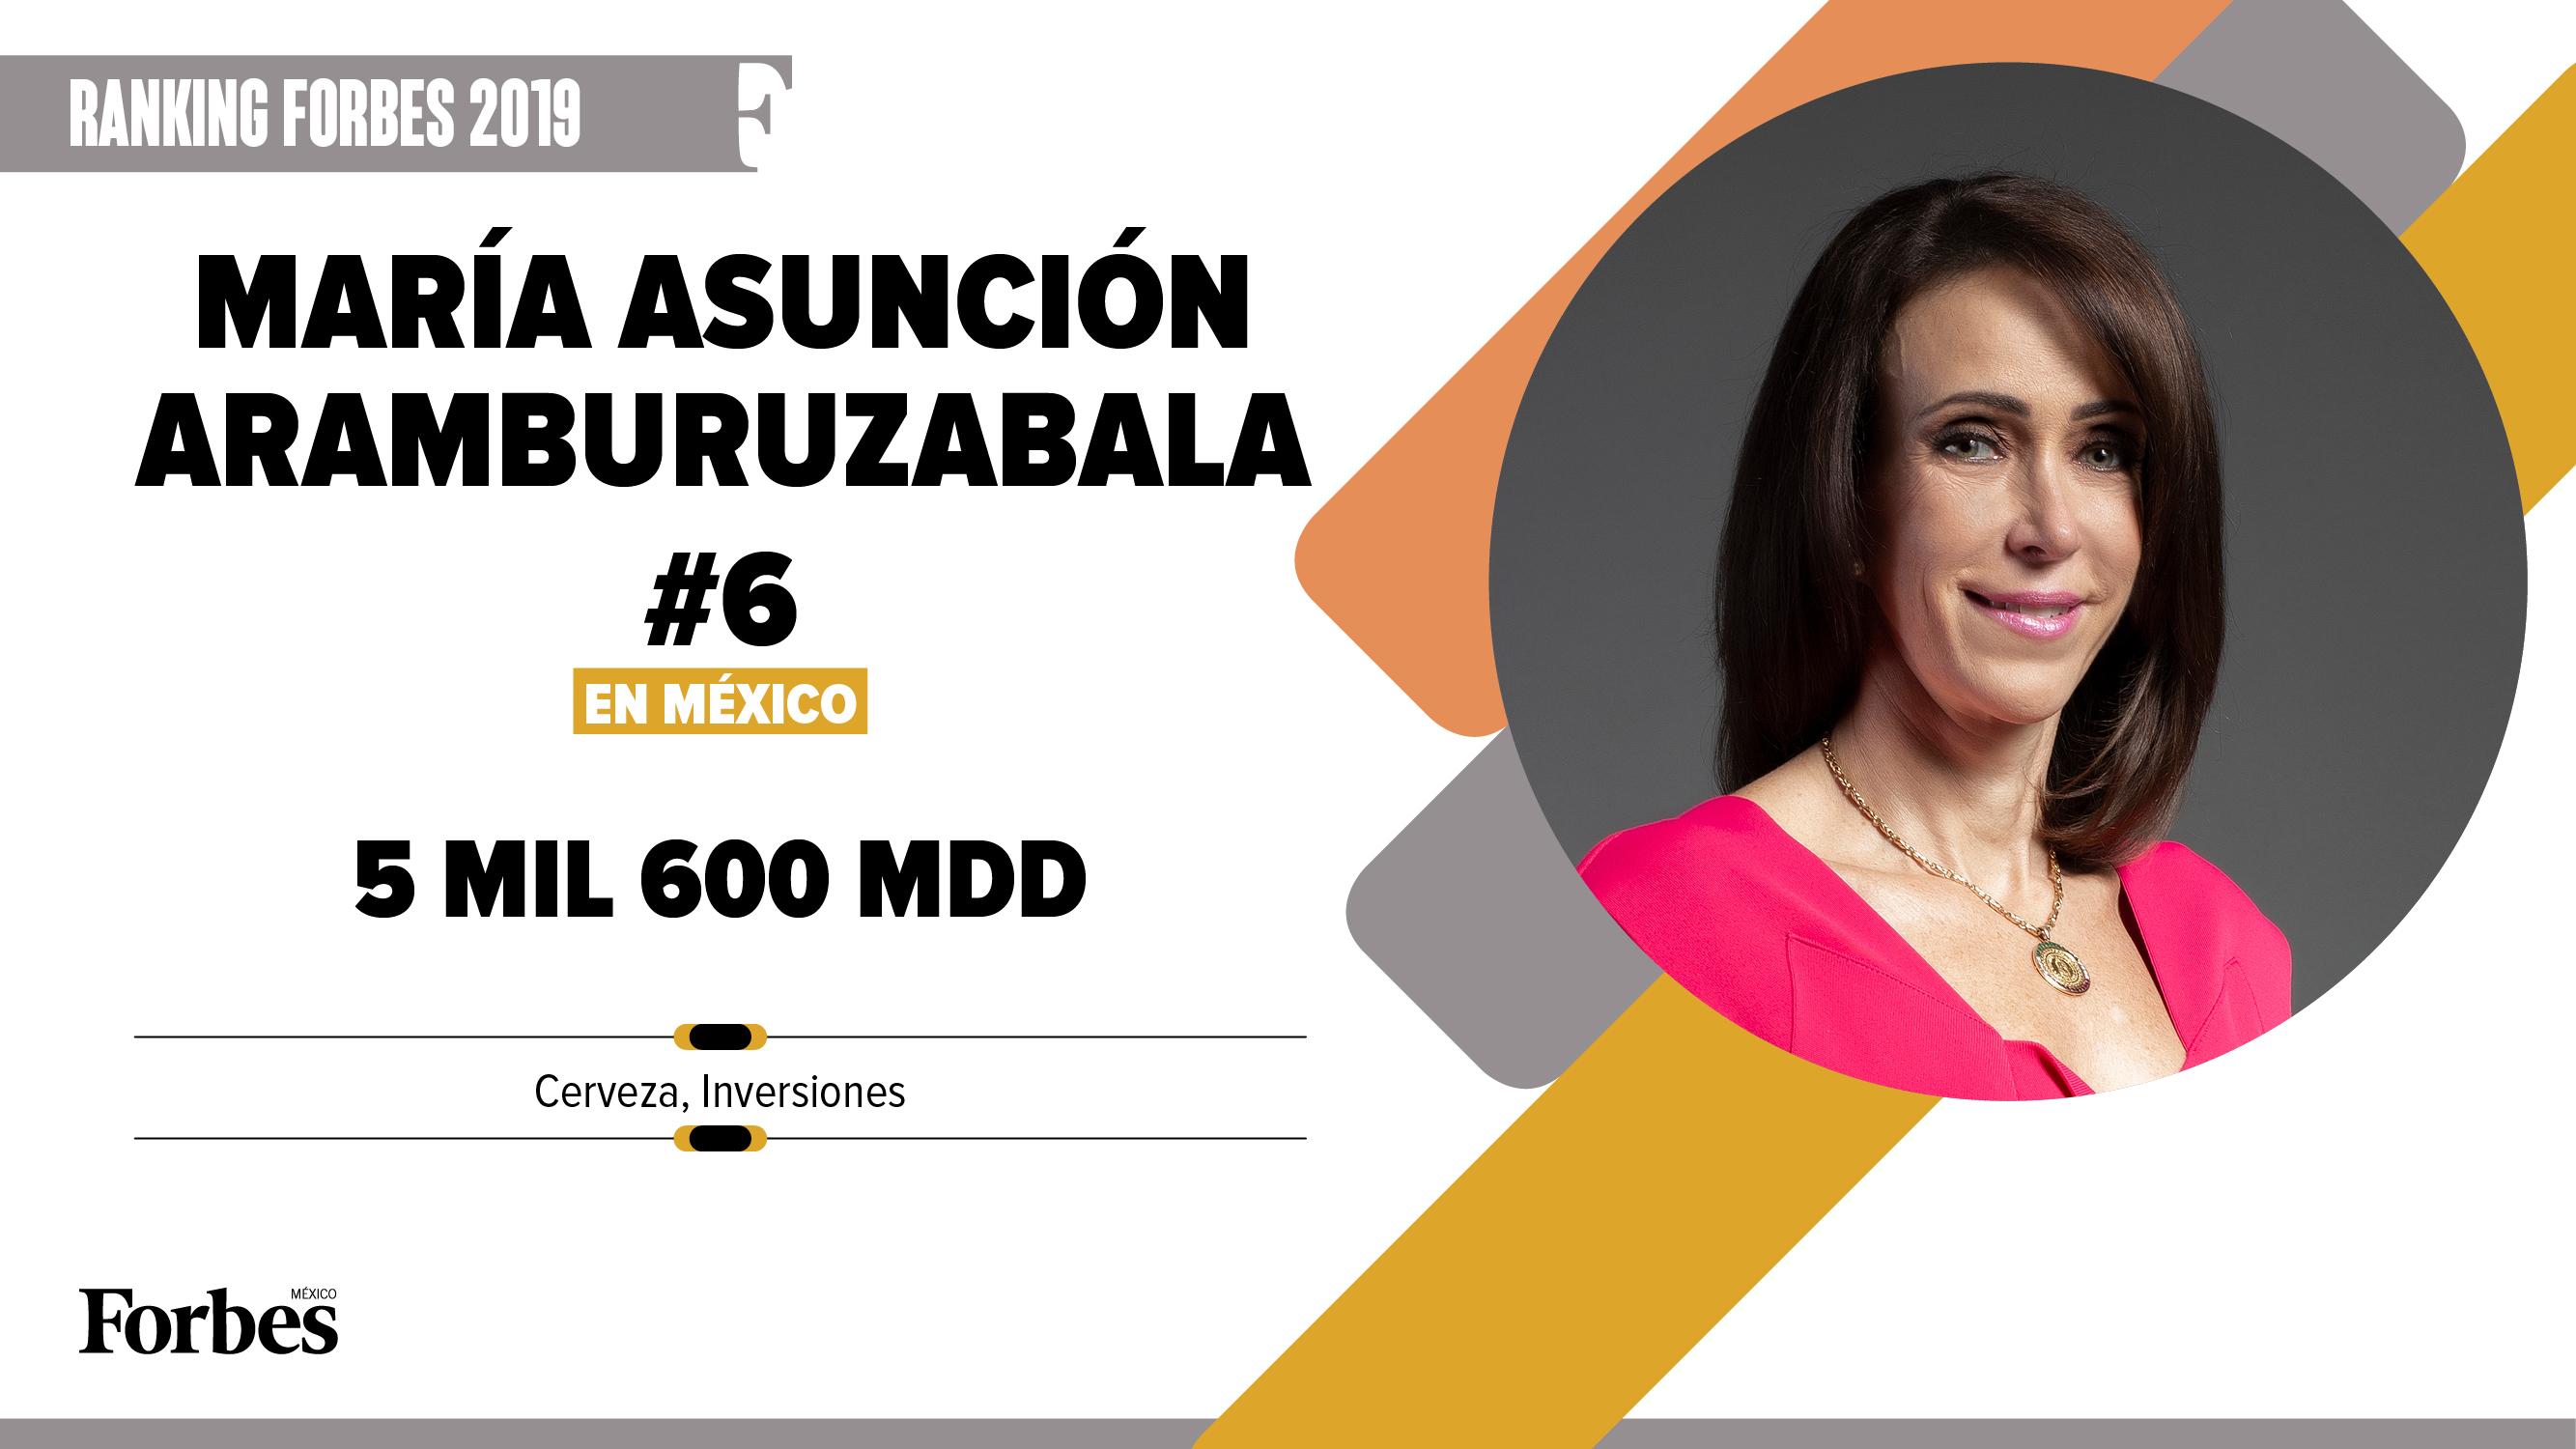 Billionaires 2019 | María Asunción Aramburuzabala, diversificar para mantenerse